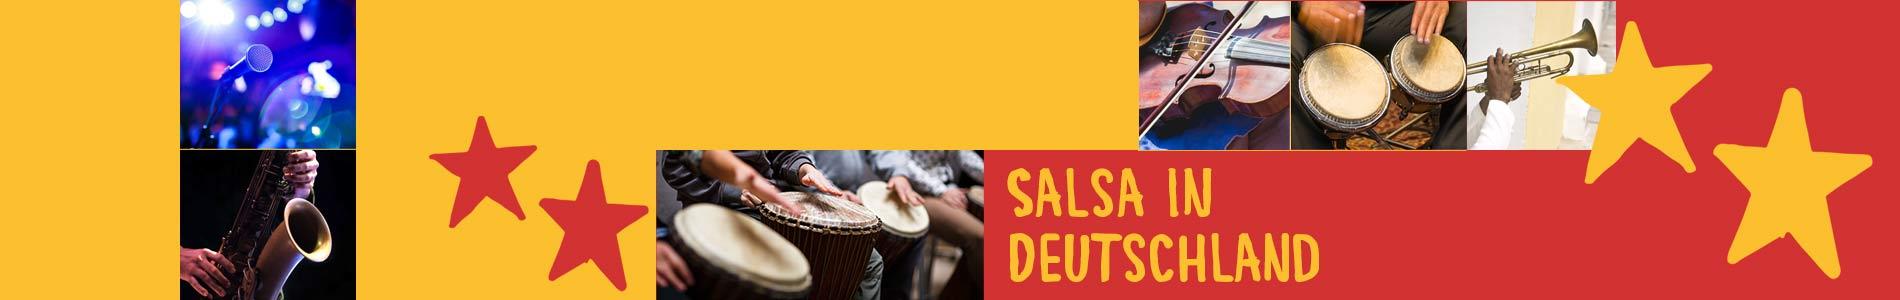 Salsa in Burgoberbach – Salsa lernen und tanzen, Tanzkurse, Partys, Veranstaltungen